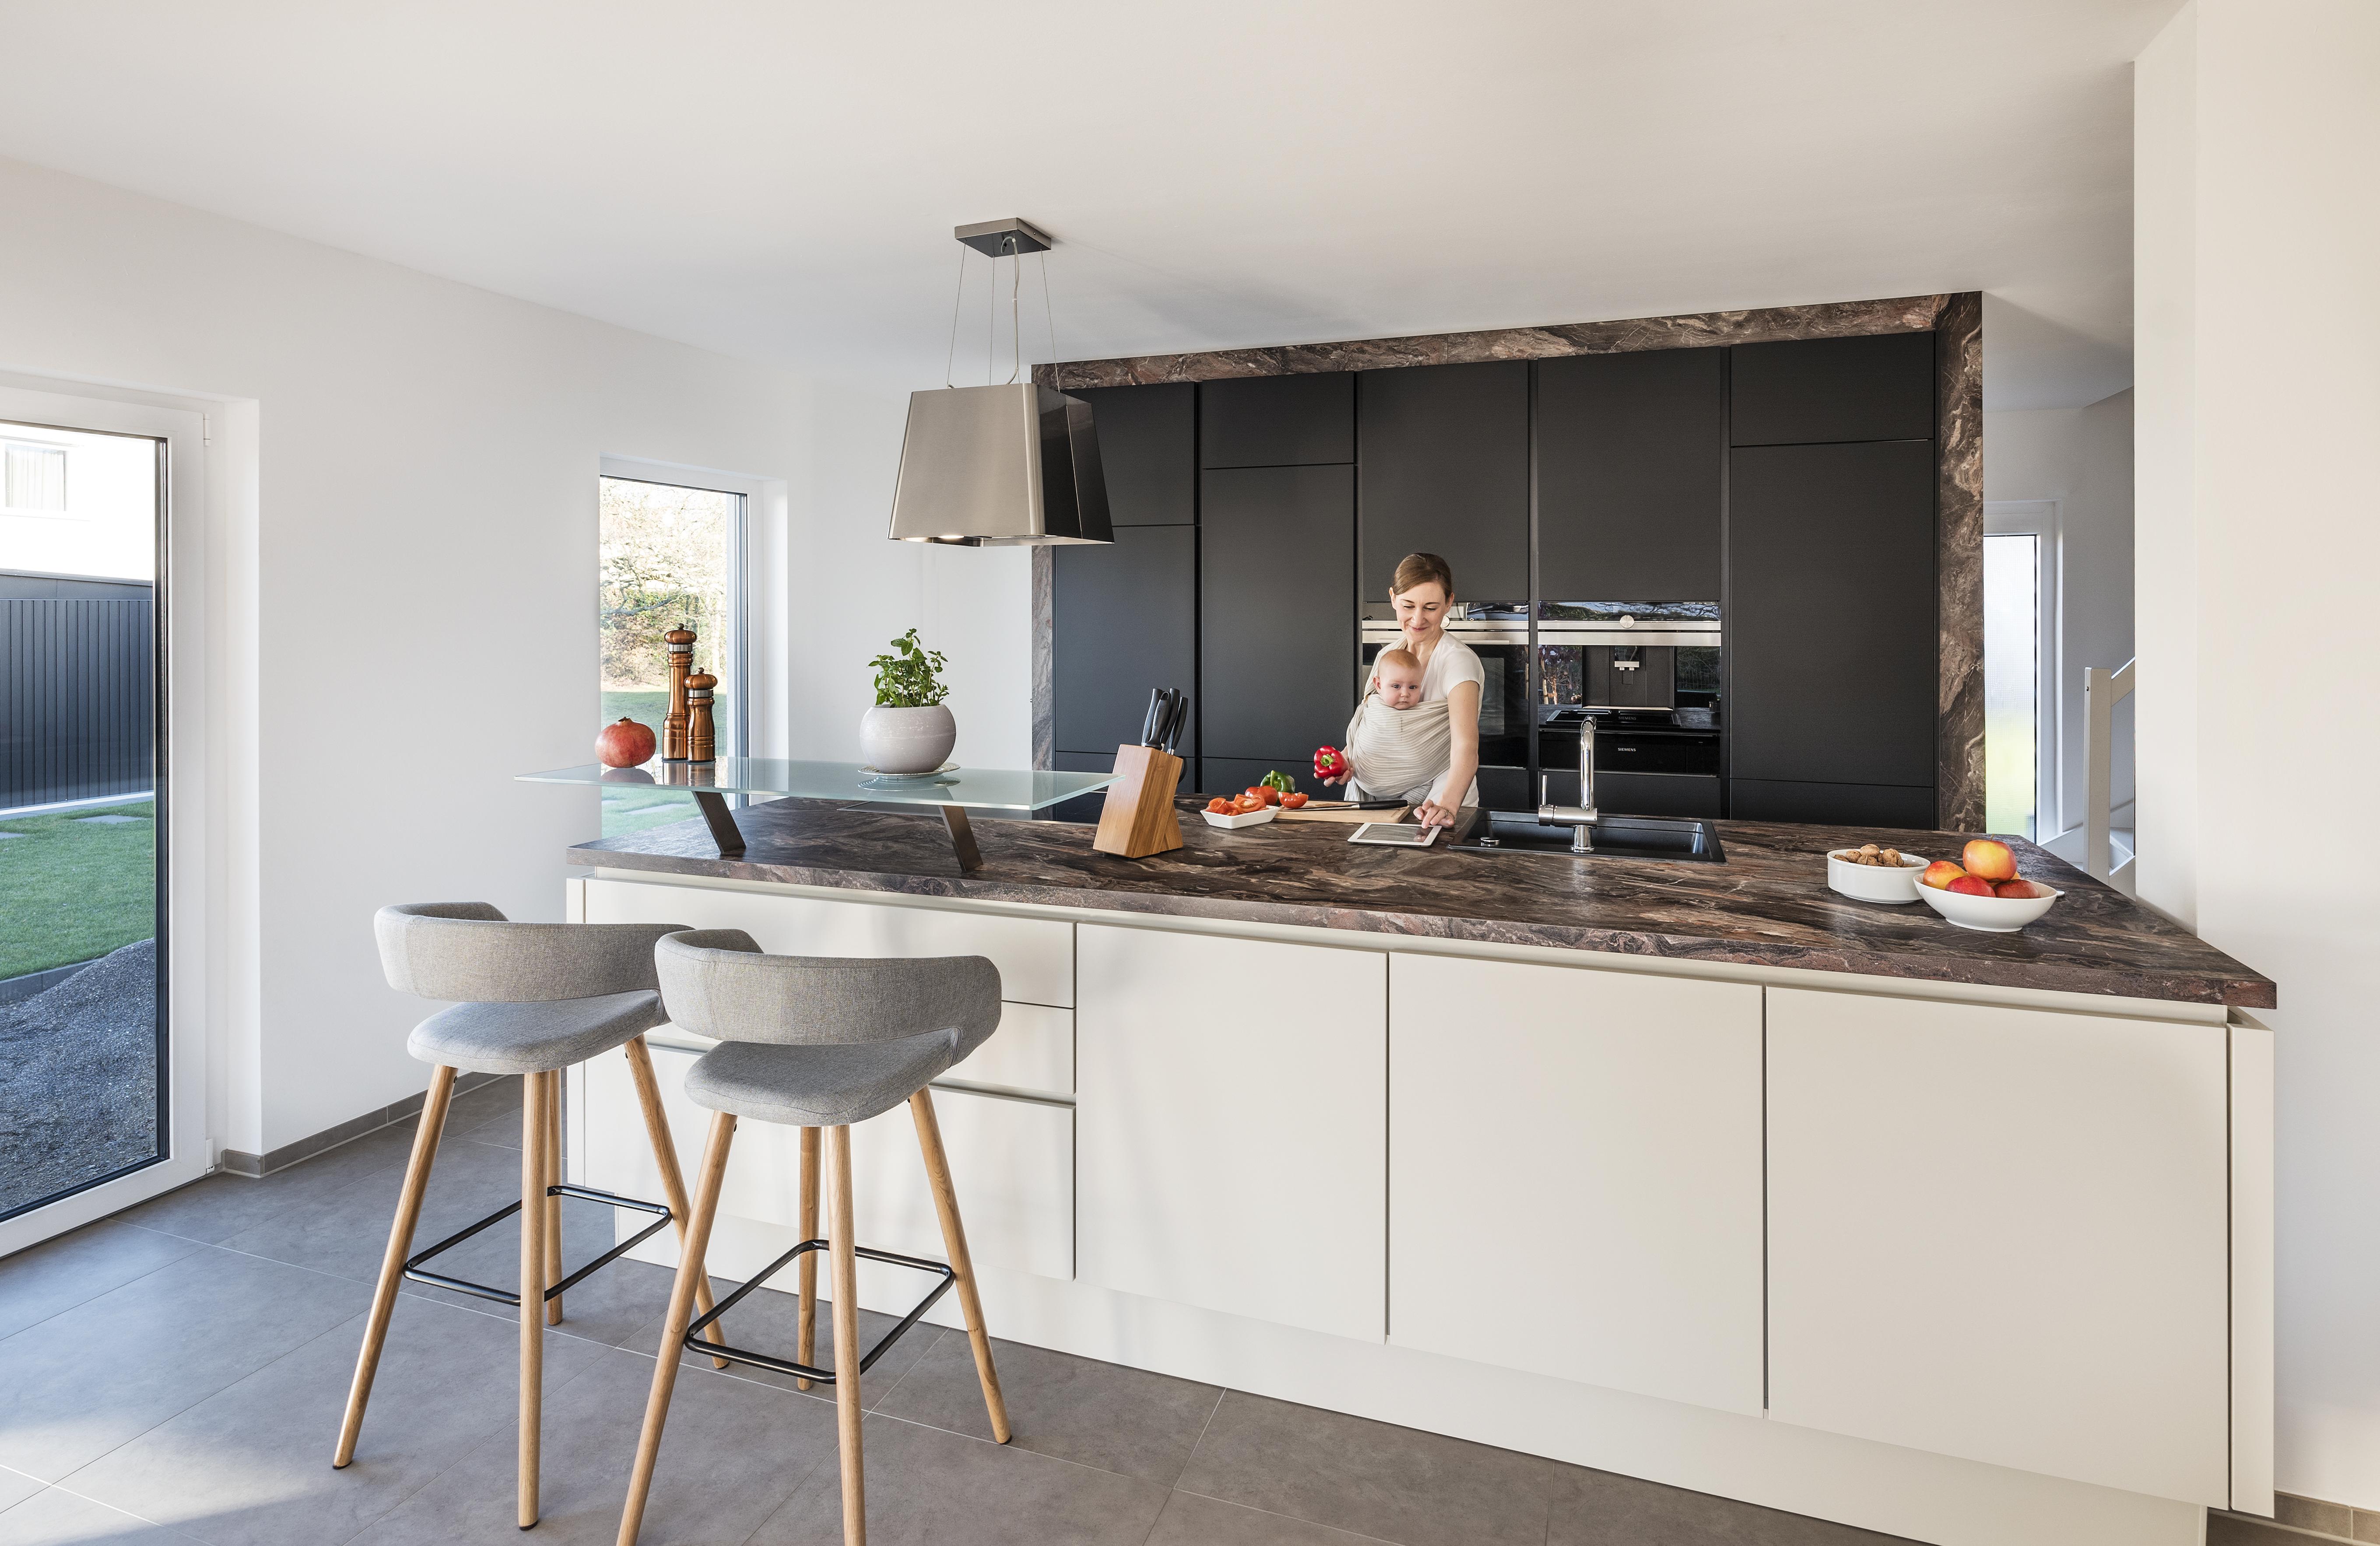 Küchengeschichte und Kitchenstory vom Küchenstudio Erding - Küche&Co